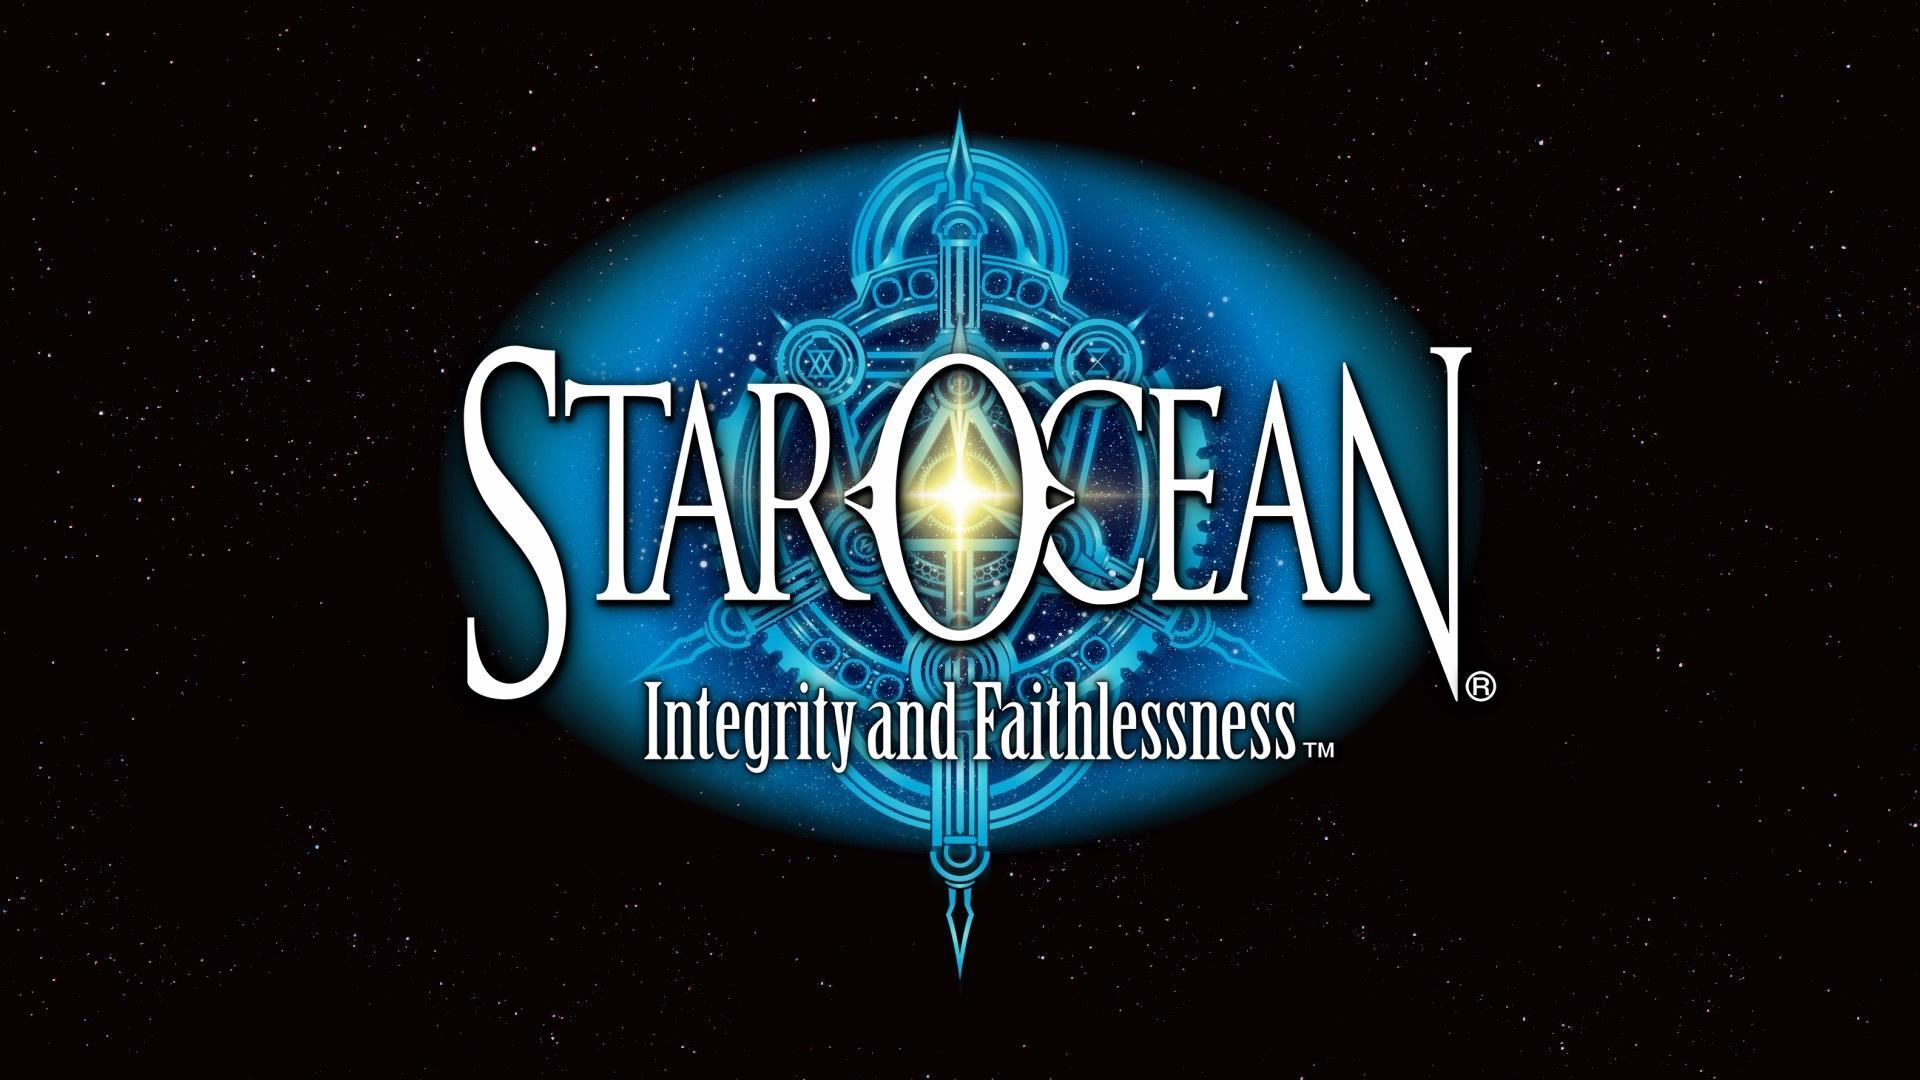 Star Ocean появится на ПК